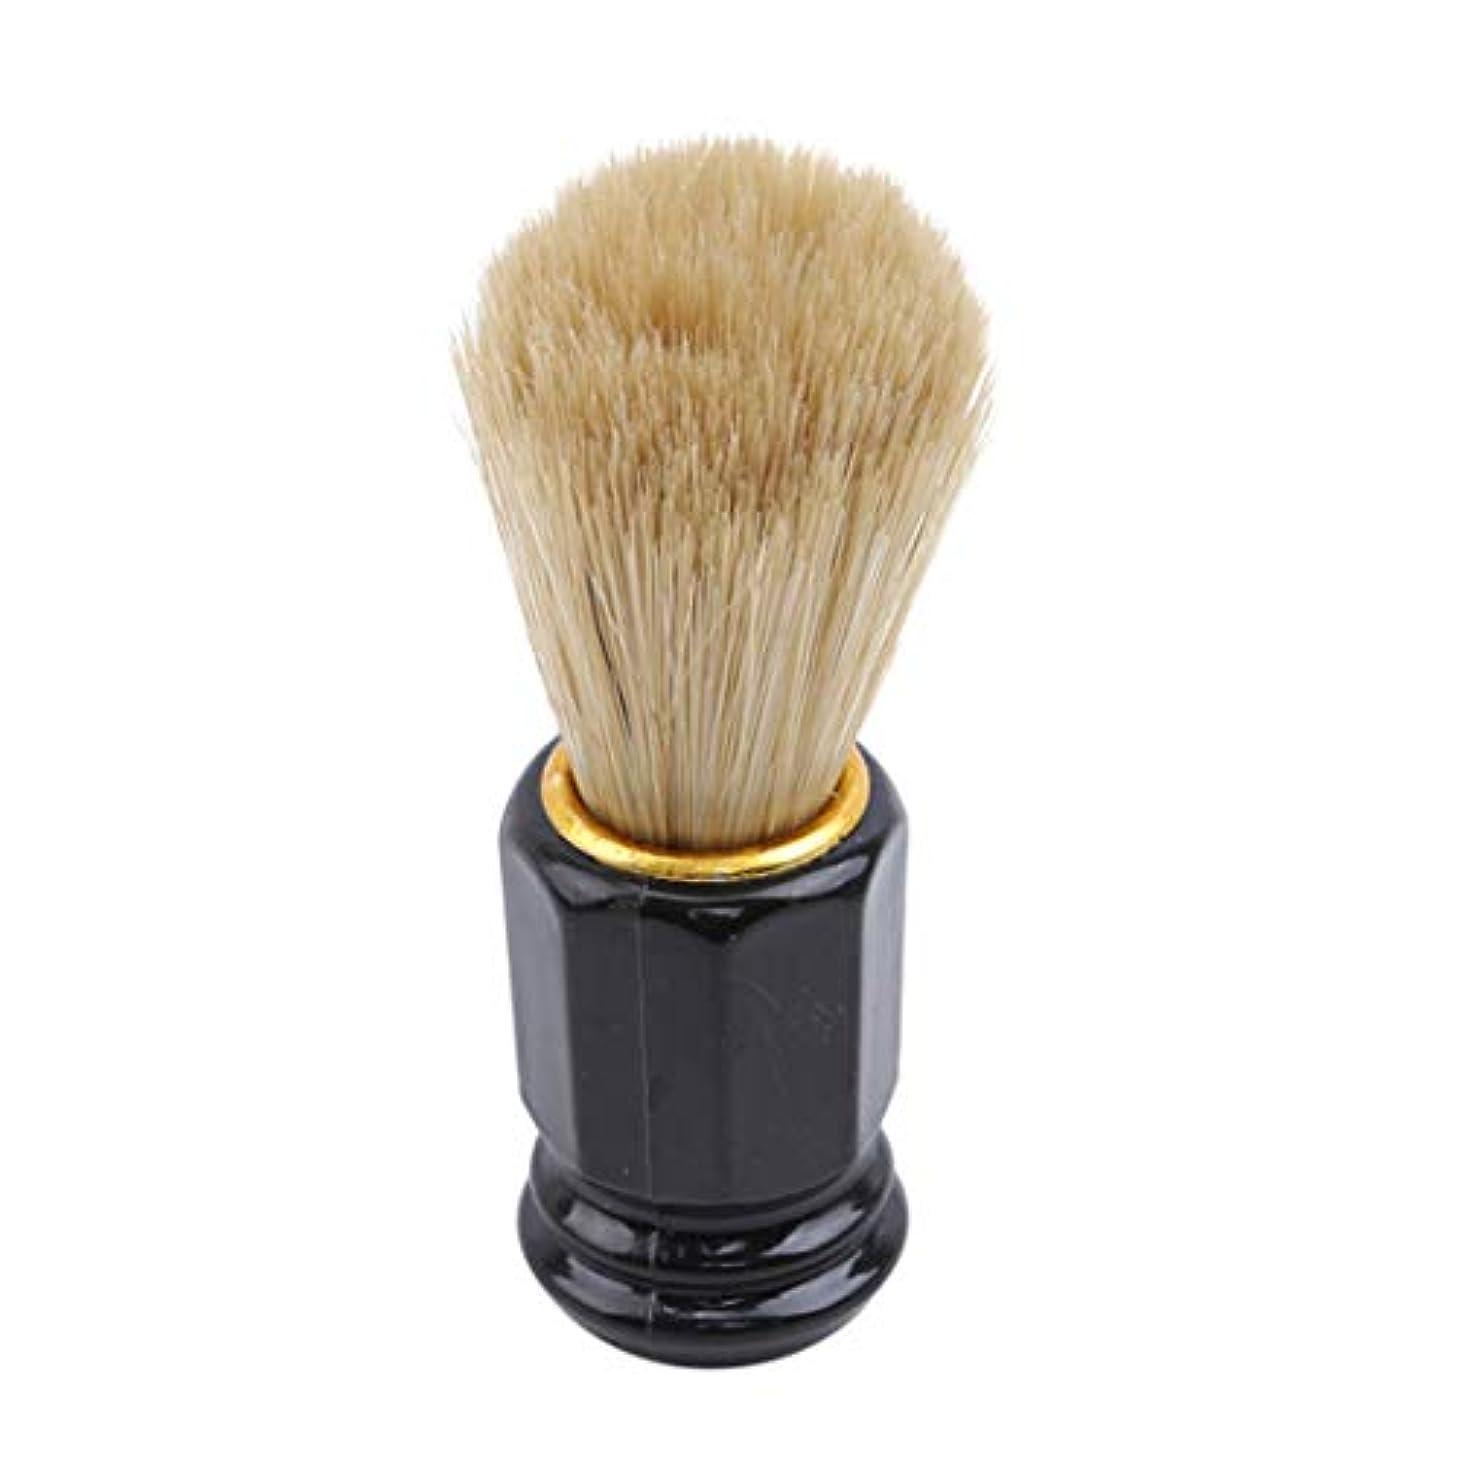 印象的なストローク刺繍Underleaf 男性フェイスクリーニングシェービングマグブラシボウル理容髭ブラシキット理髪アクセサリー